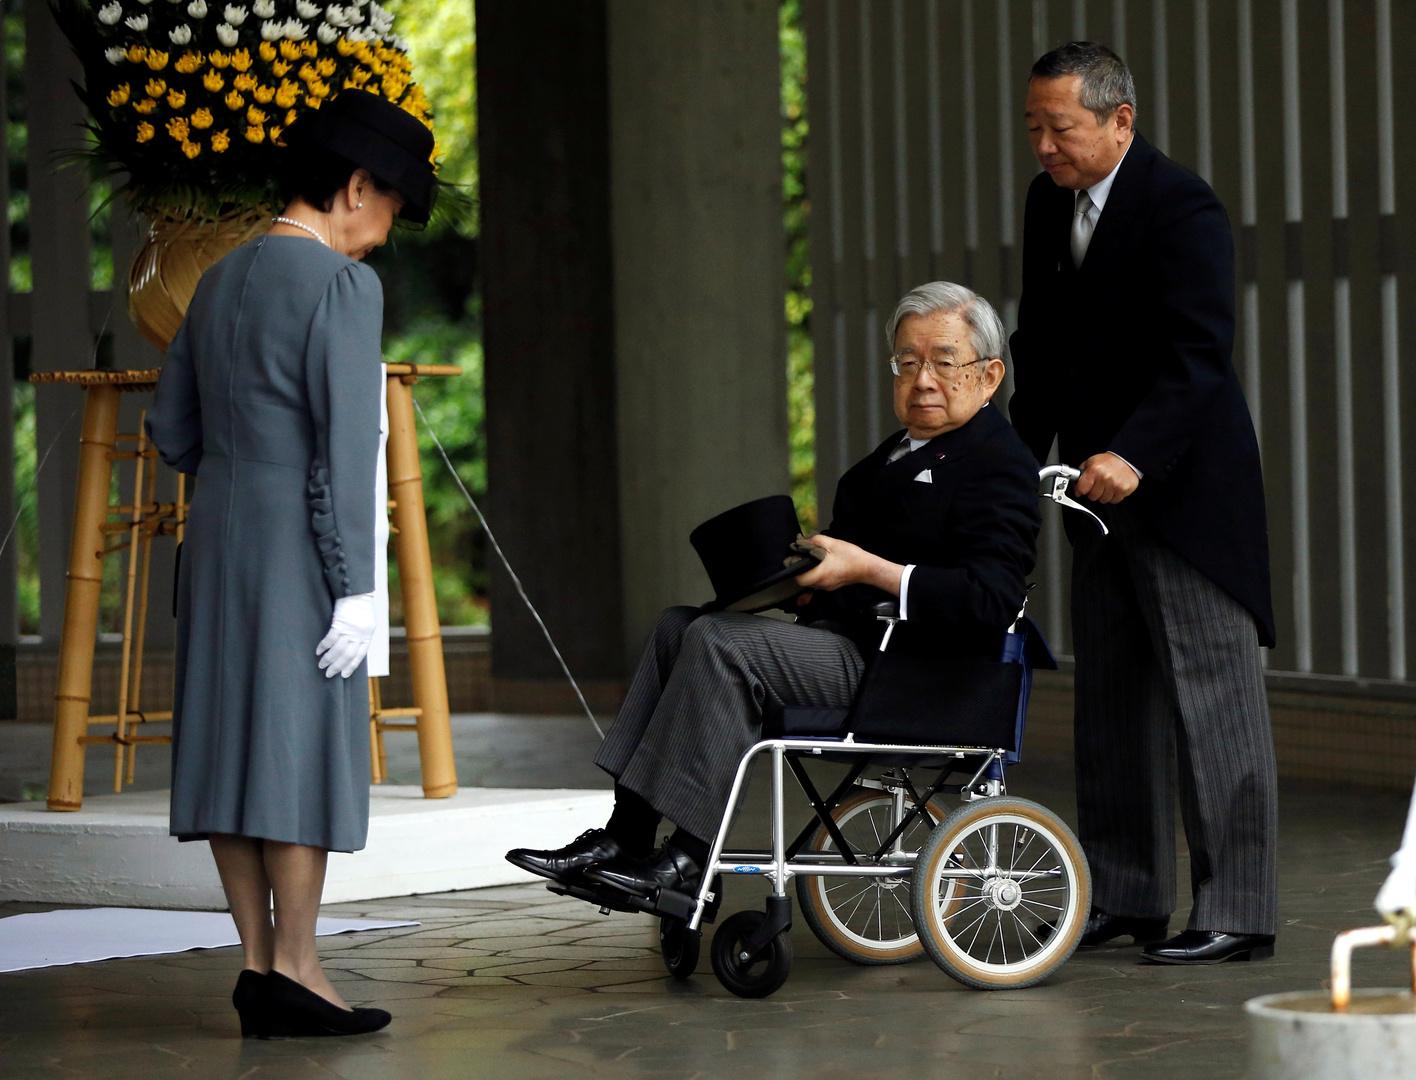 اليابان.. تعديل قانون الأسرة الإمبراطوري لإنقاذها من